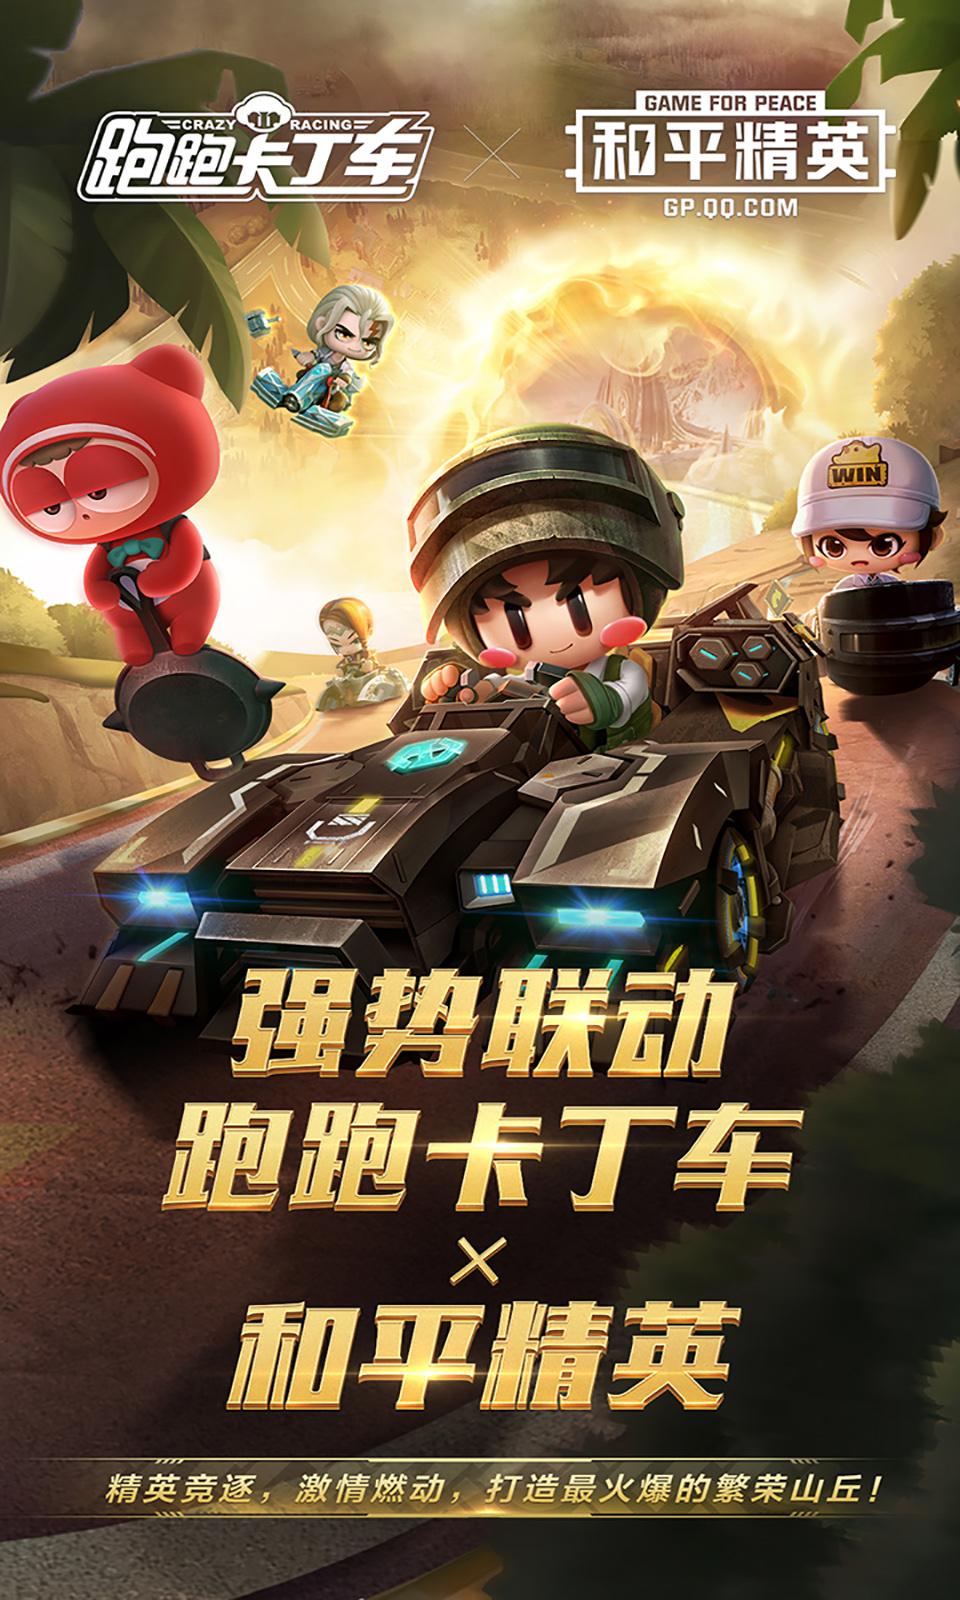 跑跑卡丁车官方竞速版